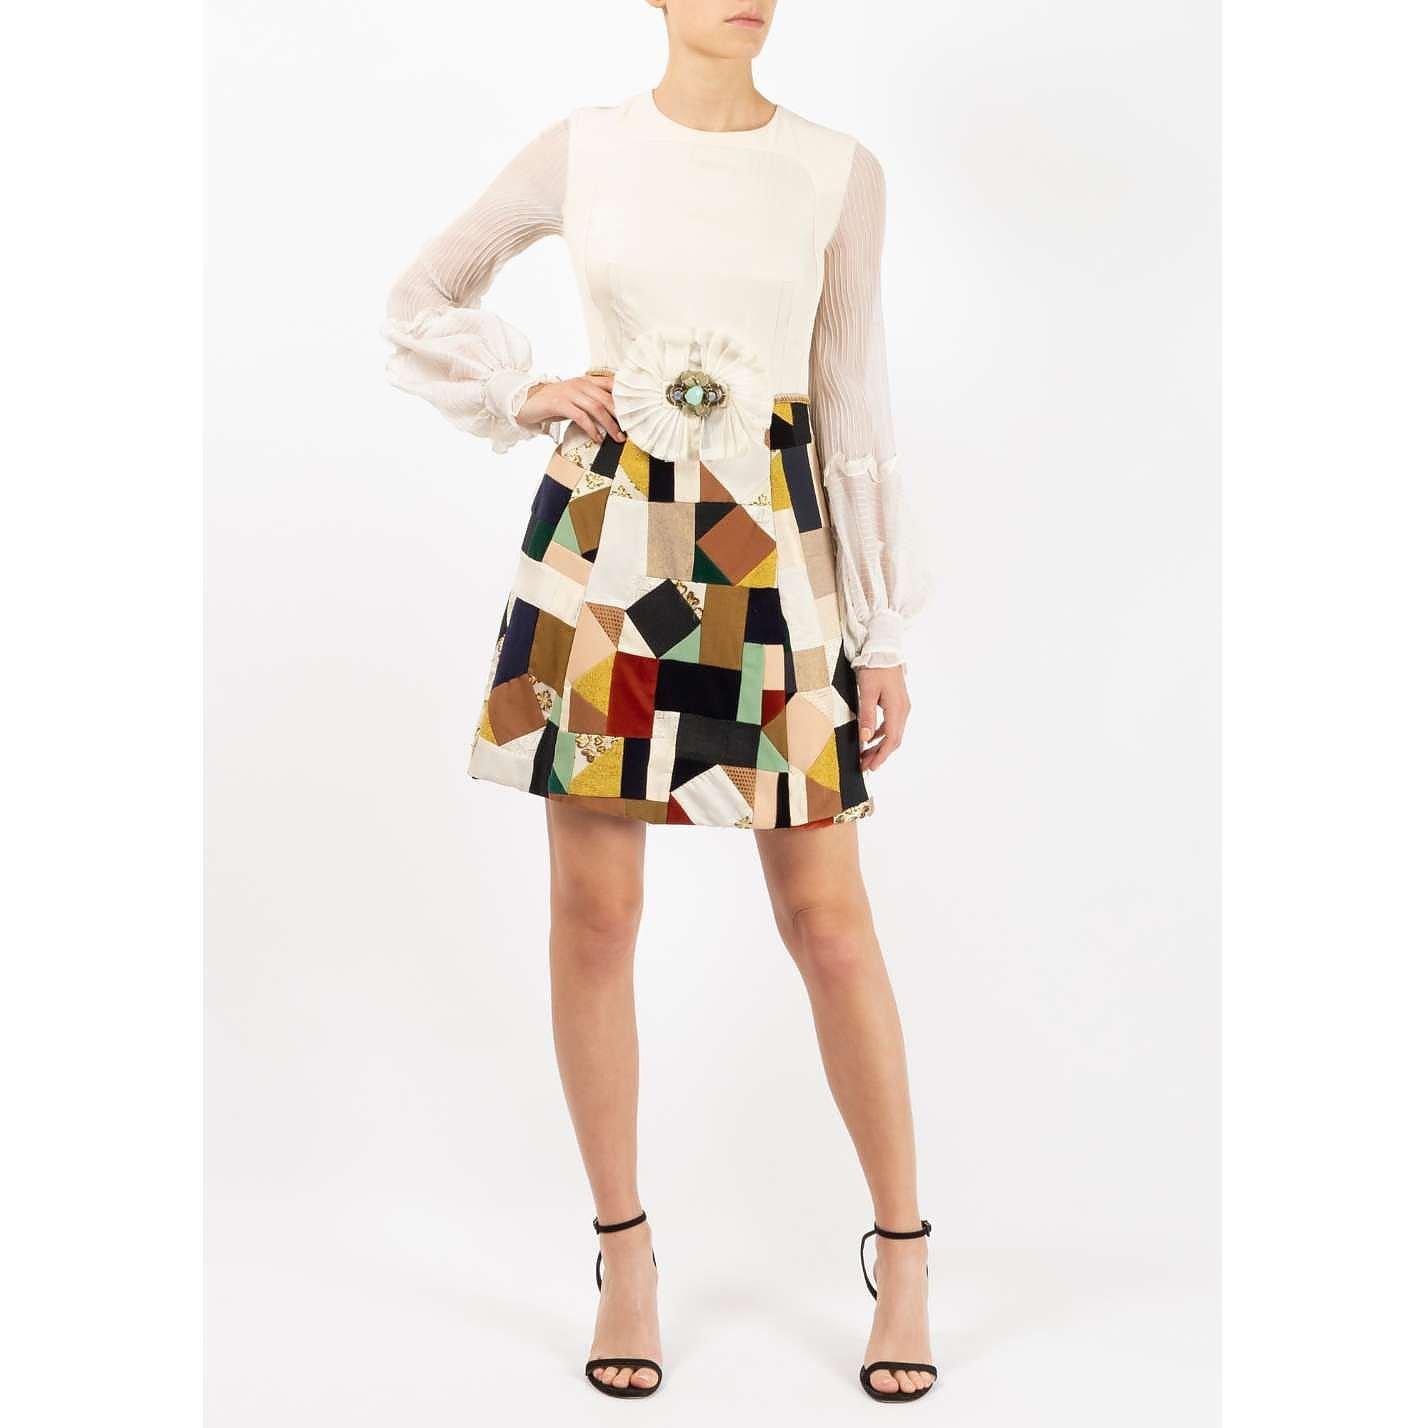 Chloé Embellished Dress